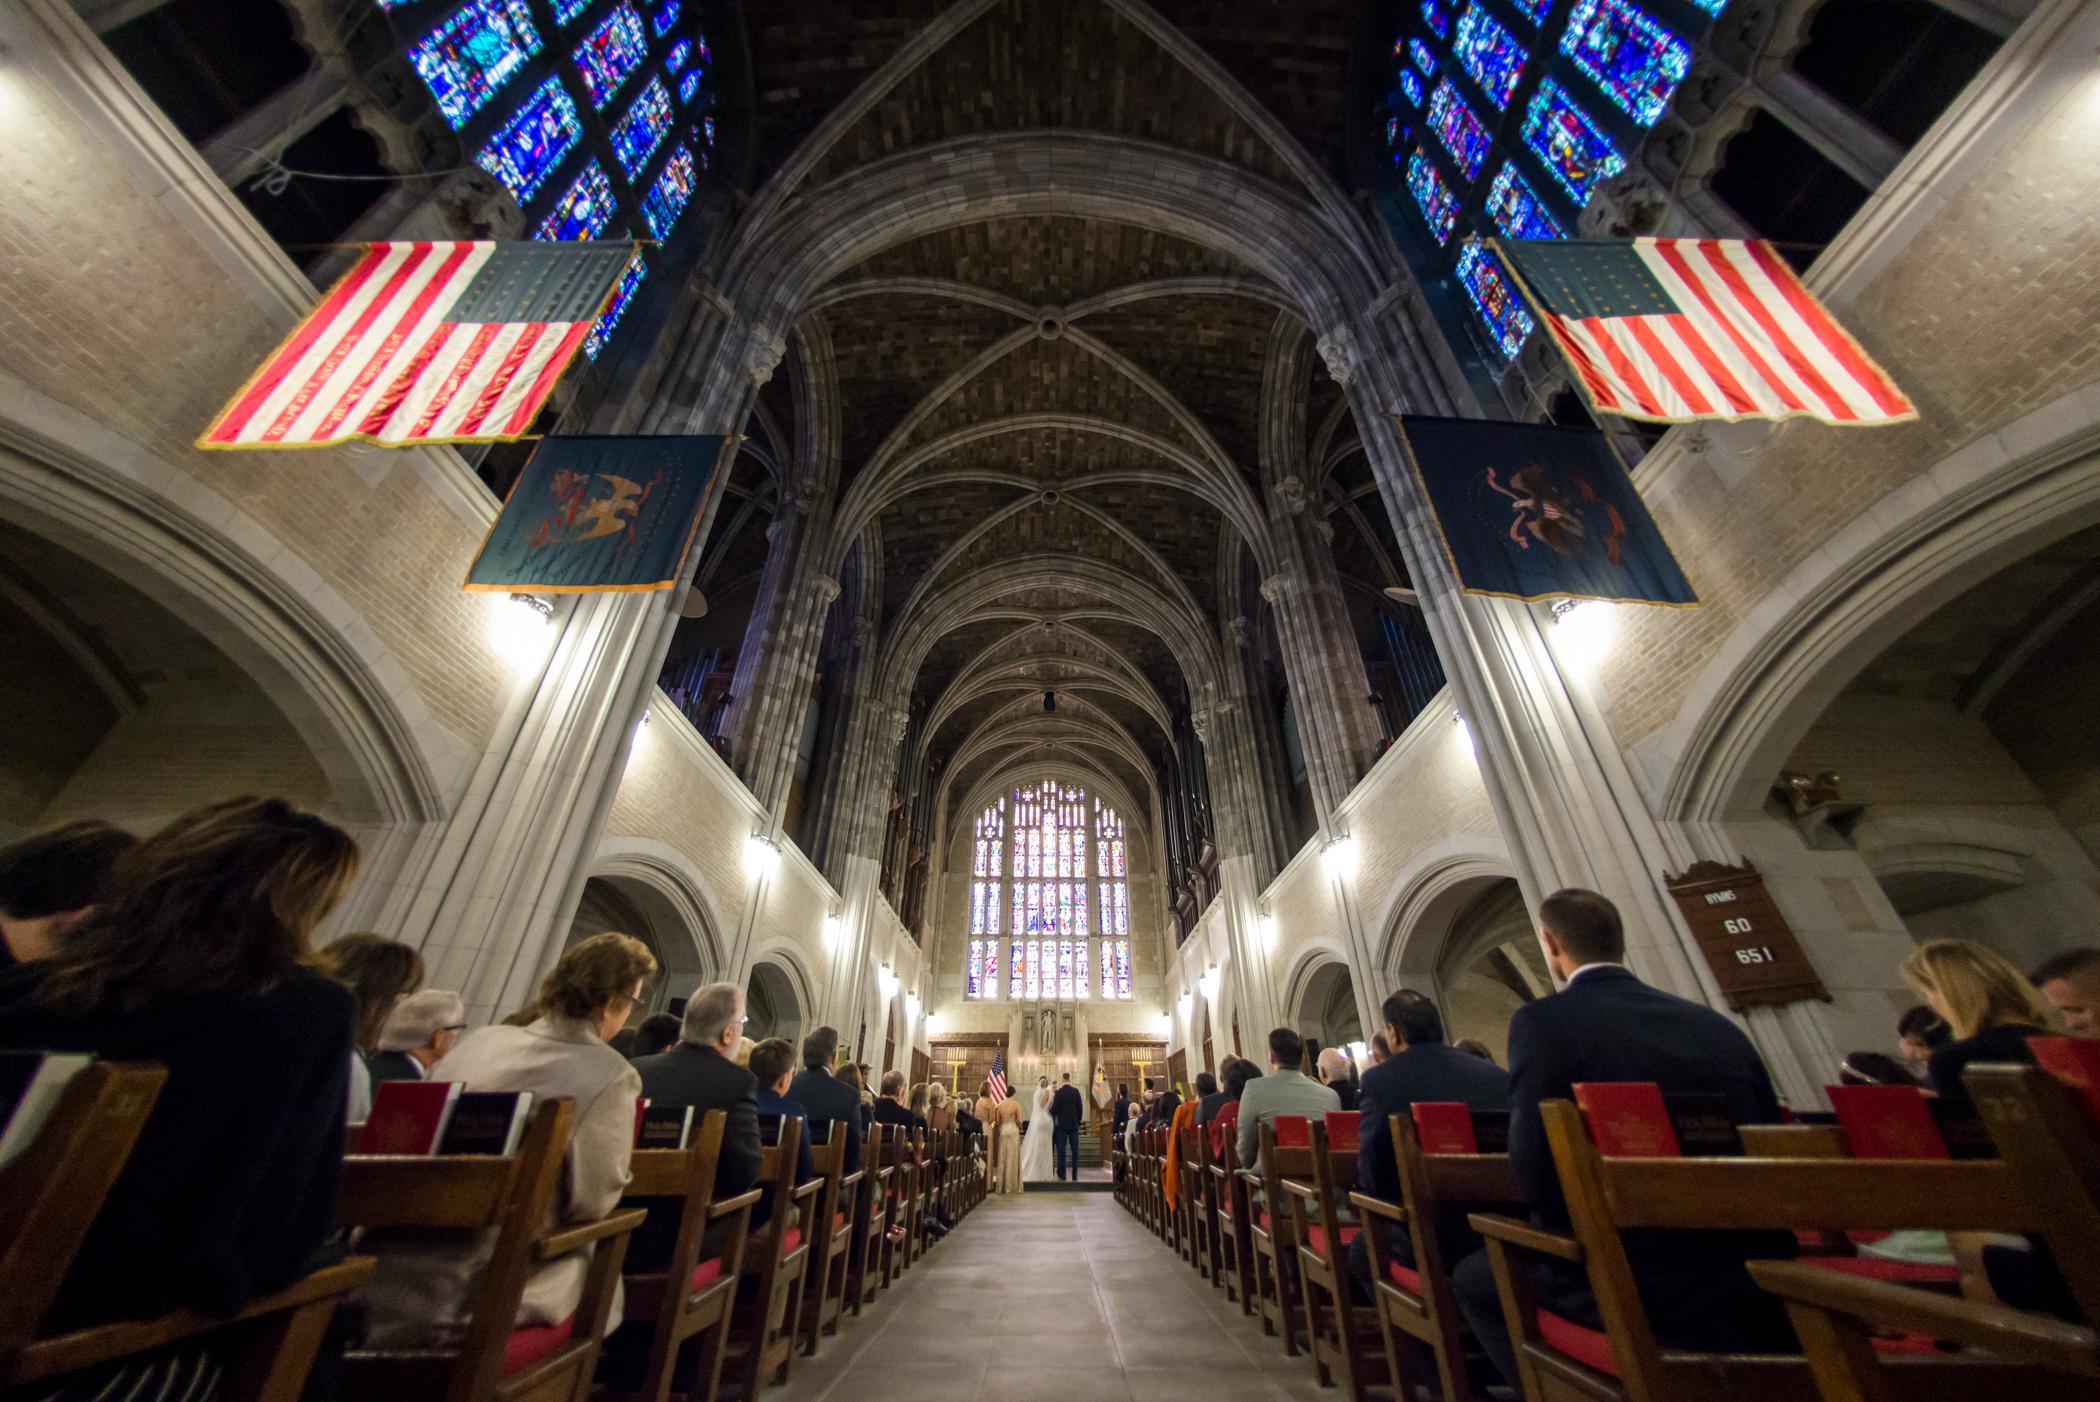 Stefy Hilmer Photography-west point military academy chapel aisle.jpg